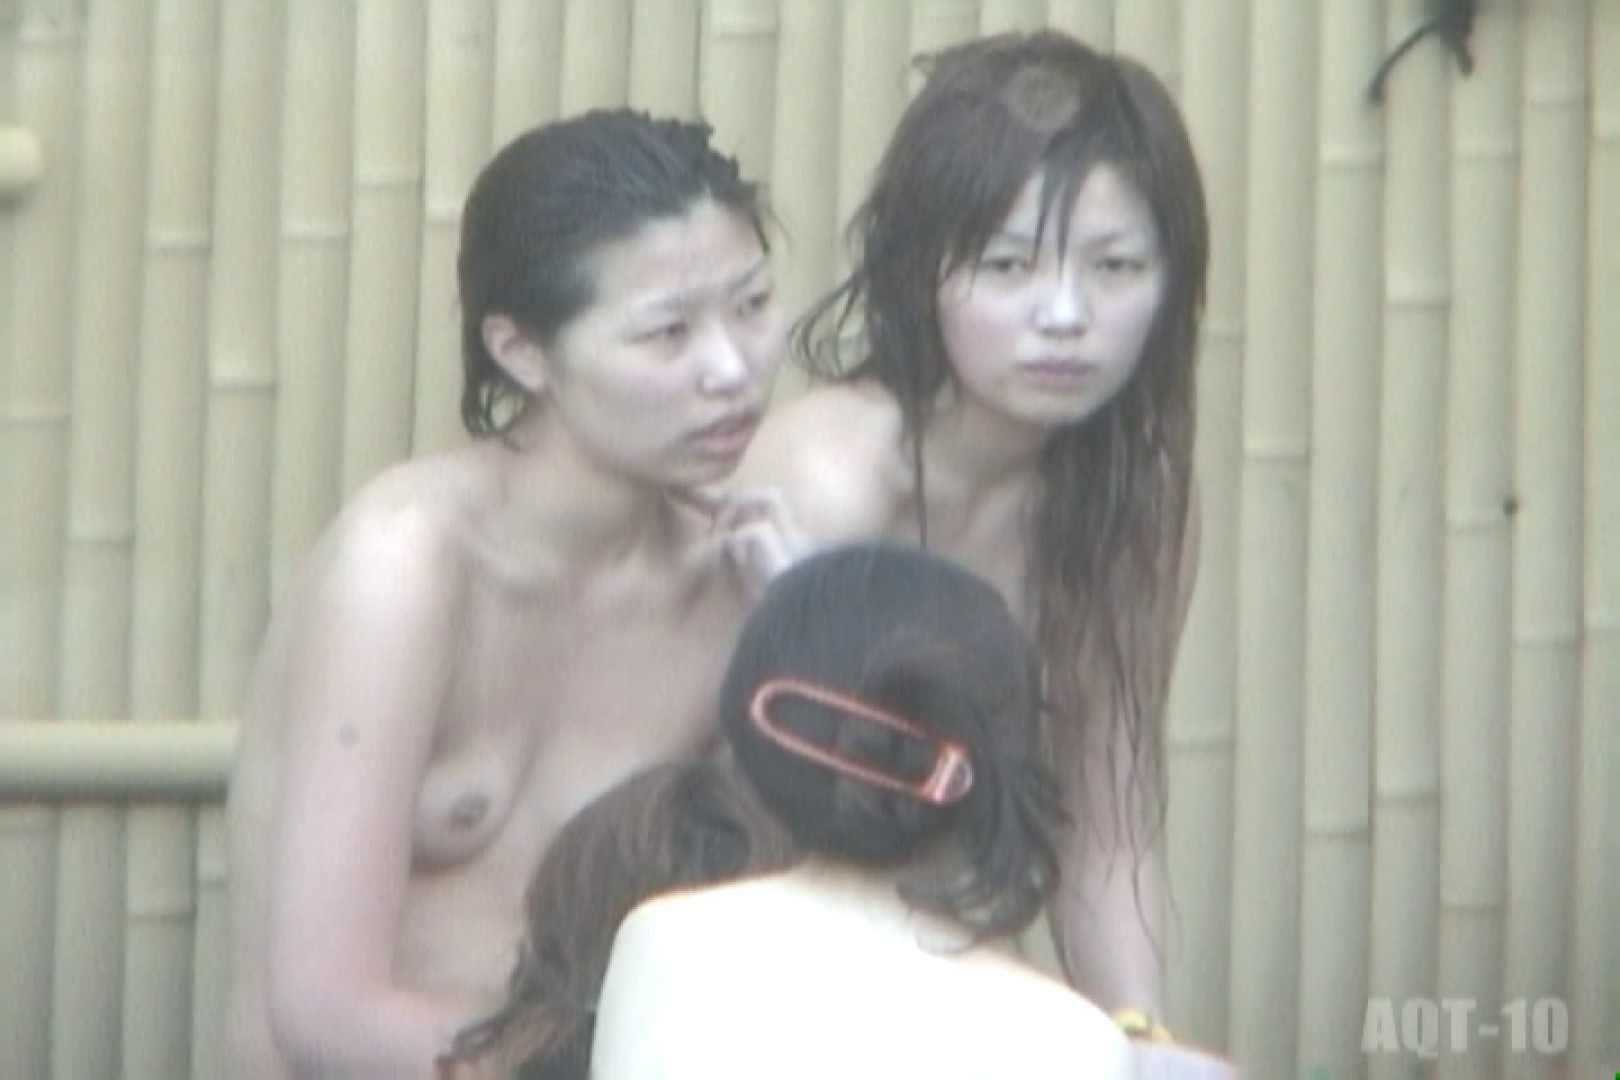 Aquaな露天風呂Vol.790 OL女体   女体盗撮  86連発 85